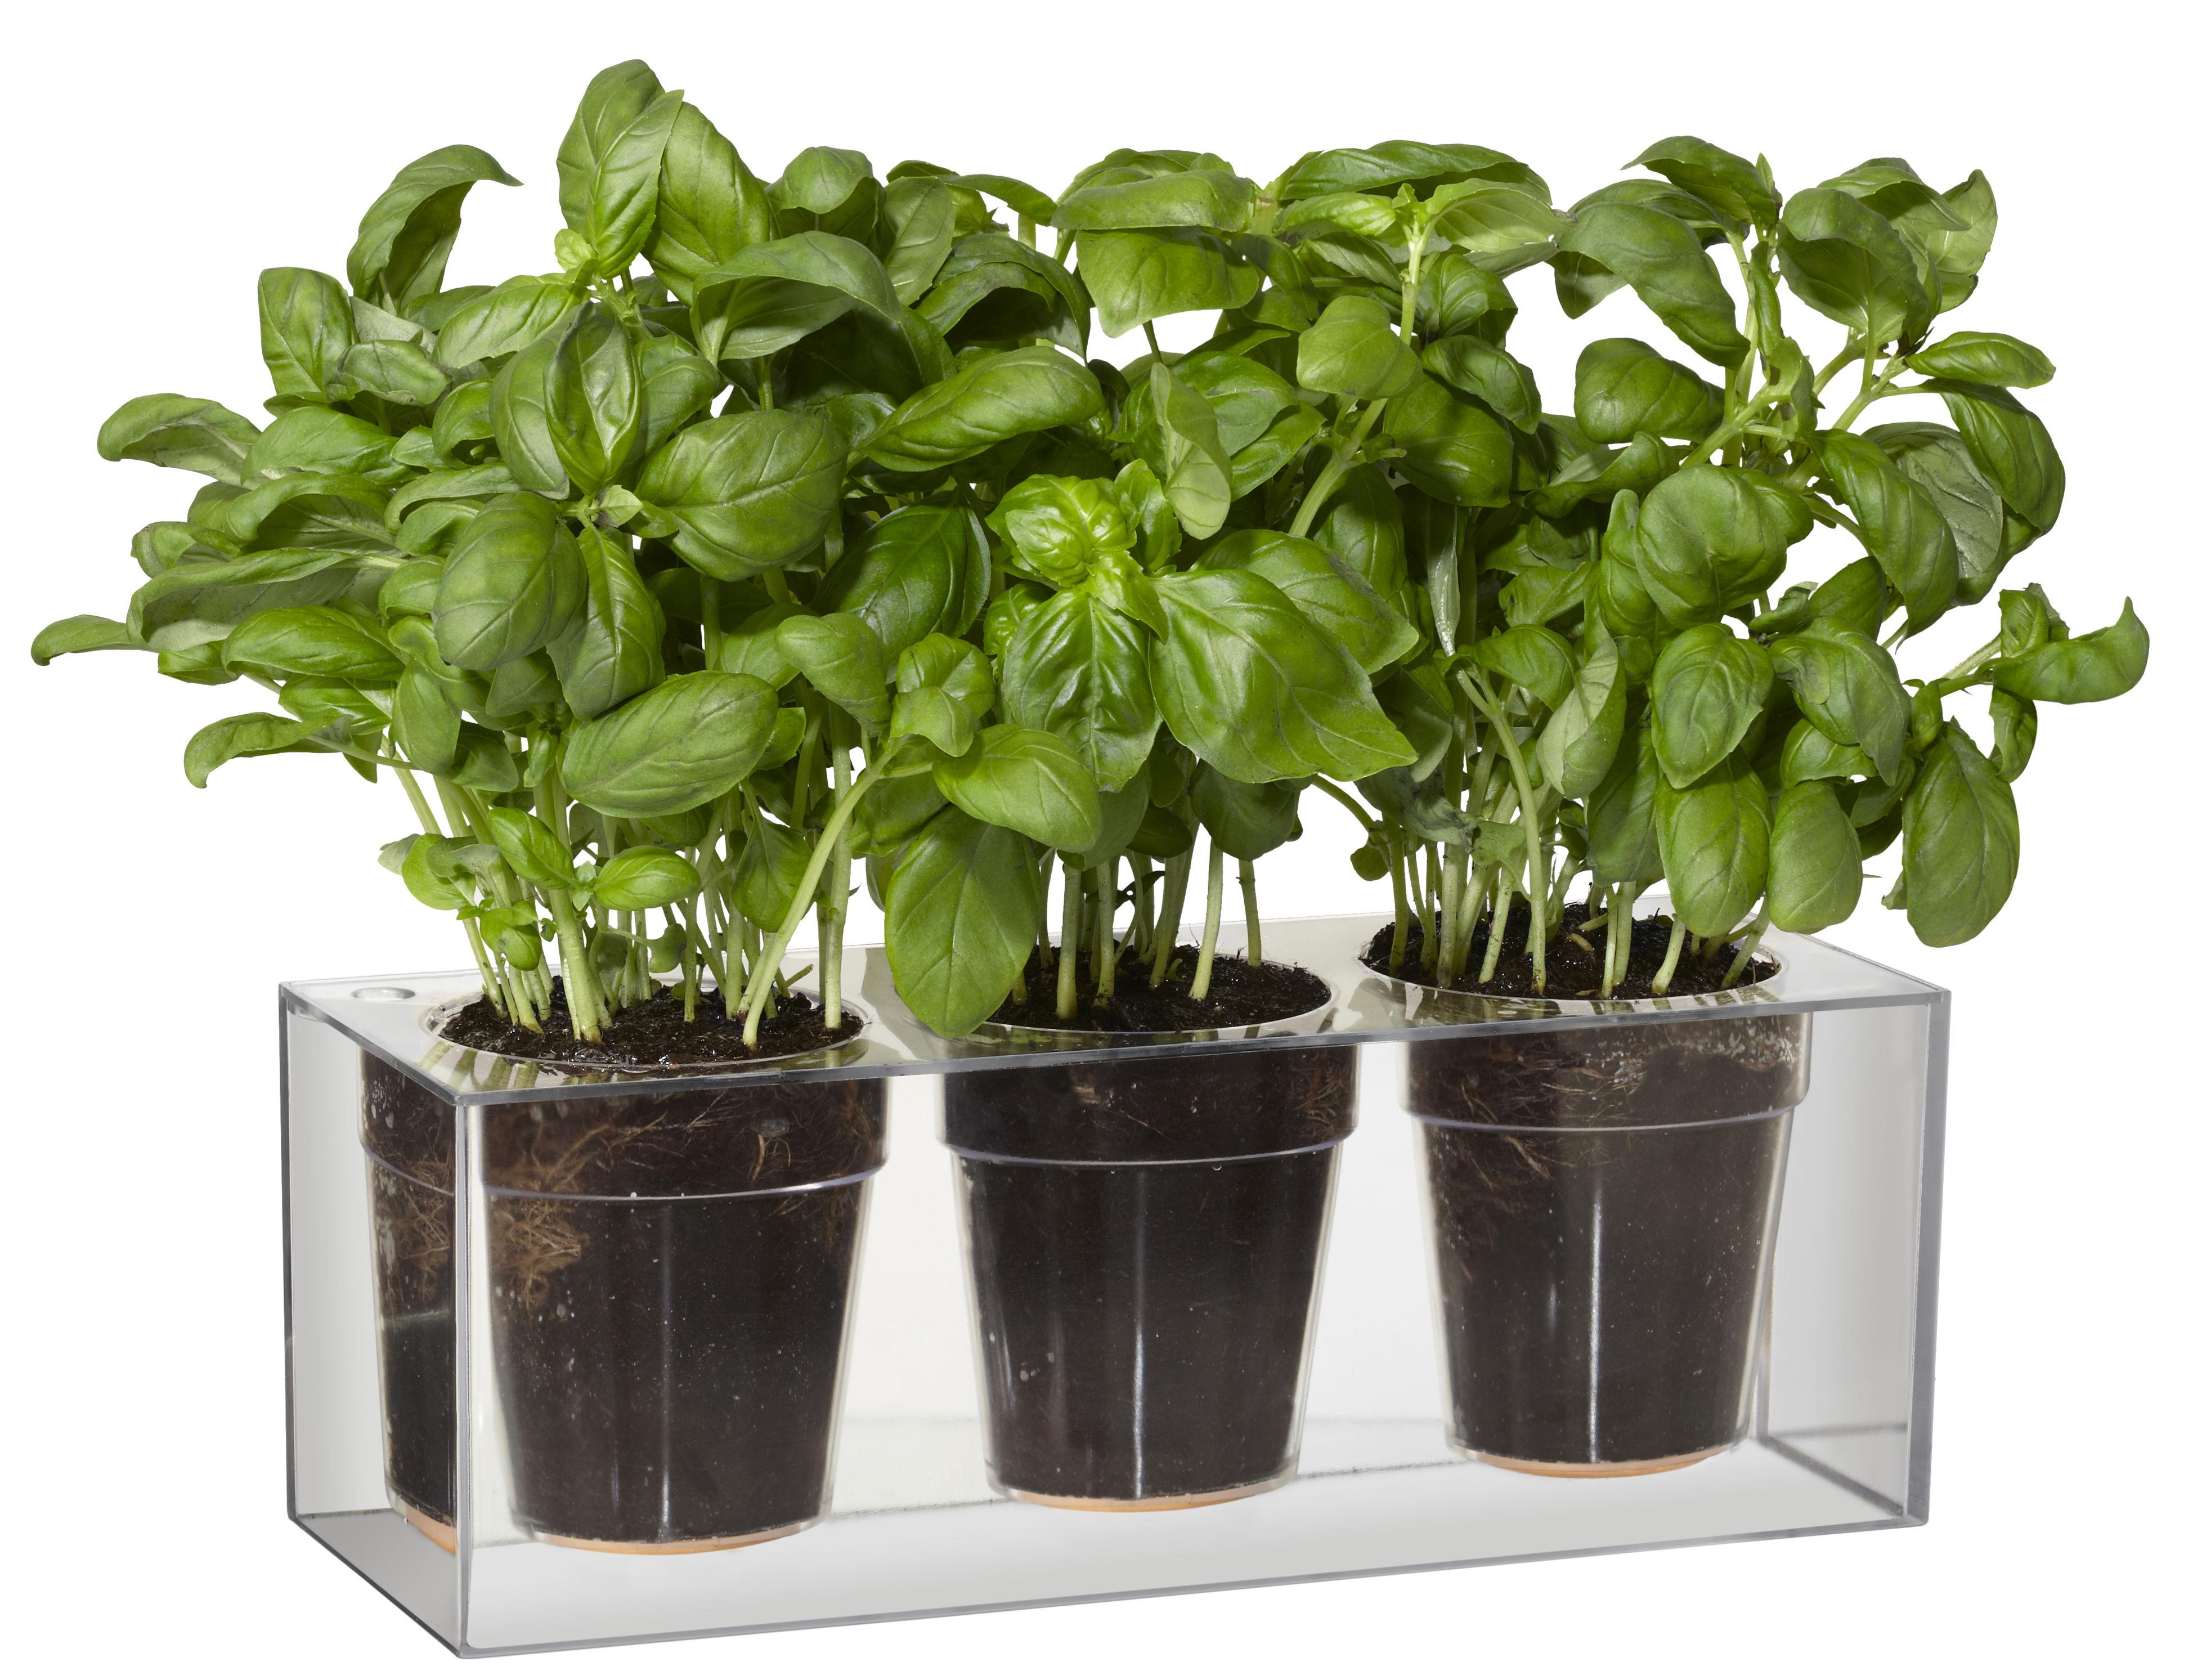 cube mit wasserreservoir f r 3 pflanzen boskke blumenkasten. Black Bedroom Furniture Sets. Home Design Ideas